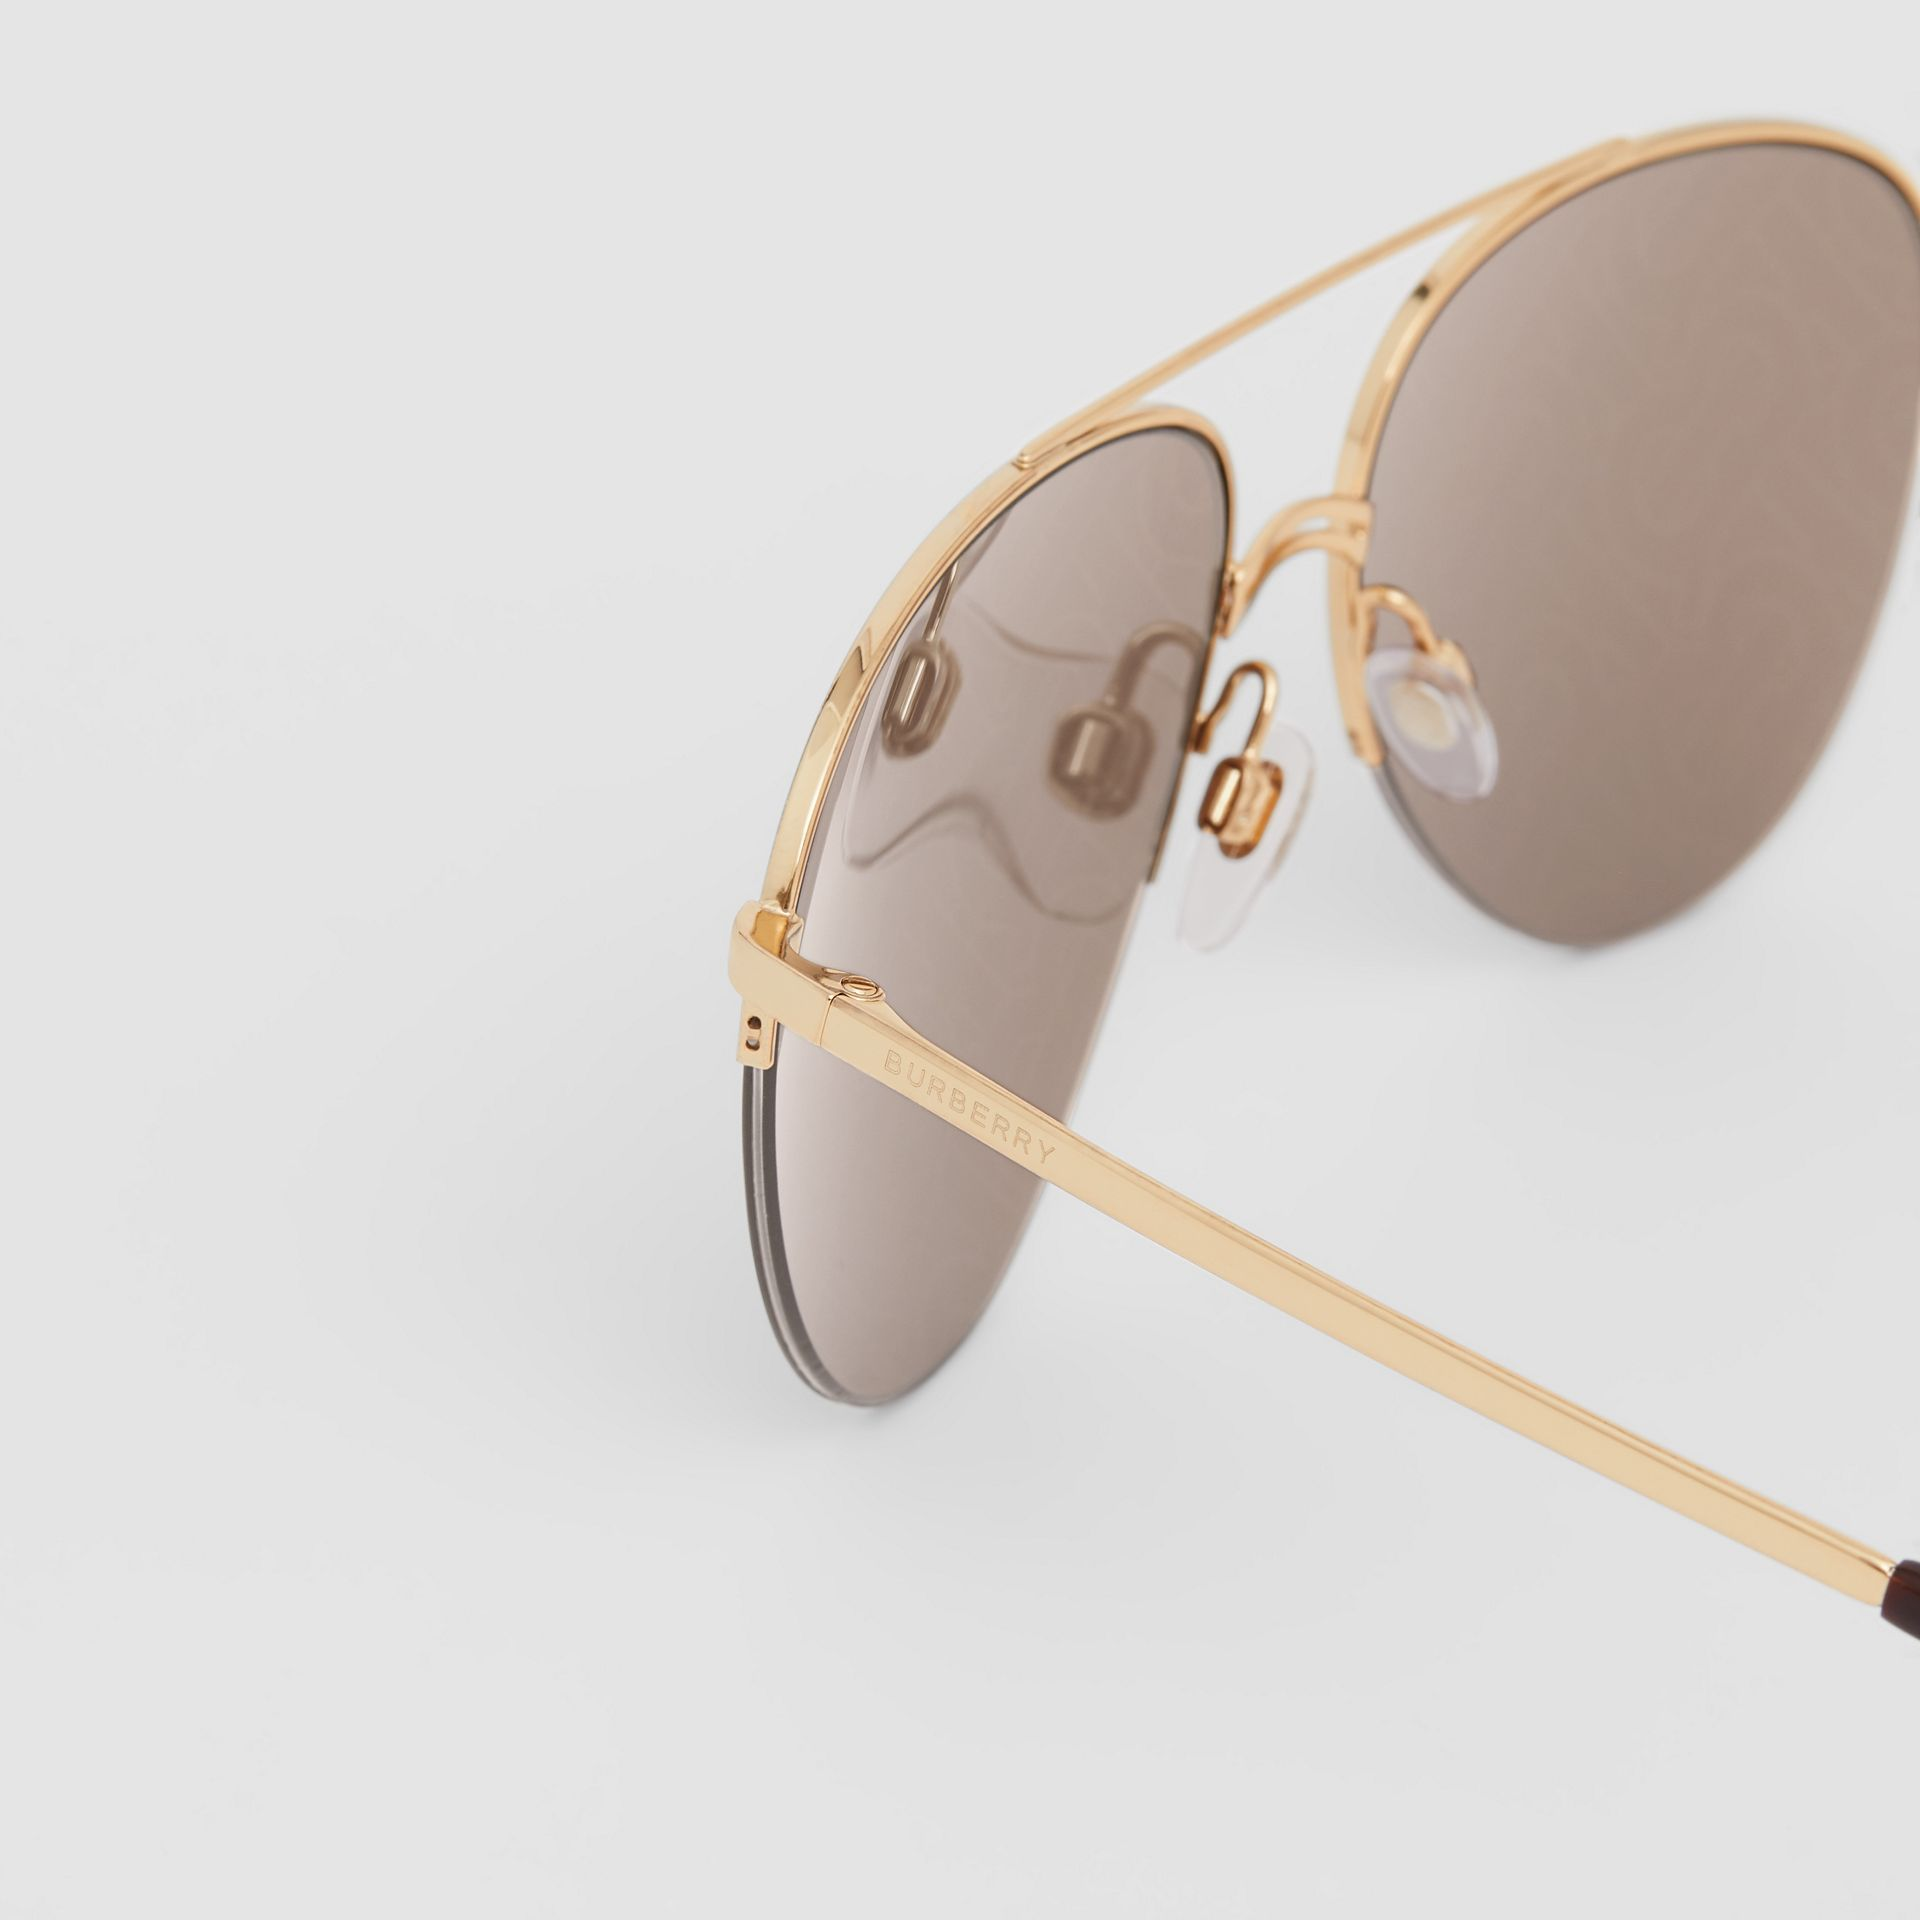 Monogram Print Detail Pilot Sunglasses in Dark Brown - Women | Burberry Canada - gallery image 1